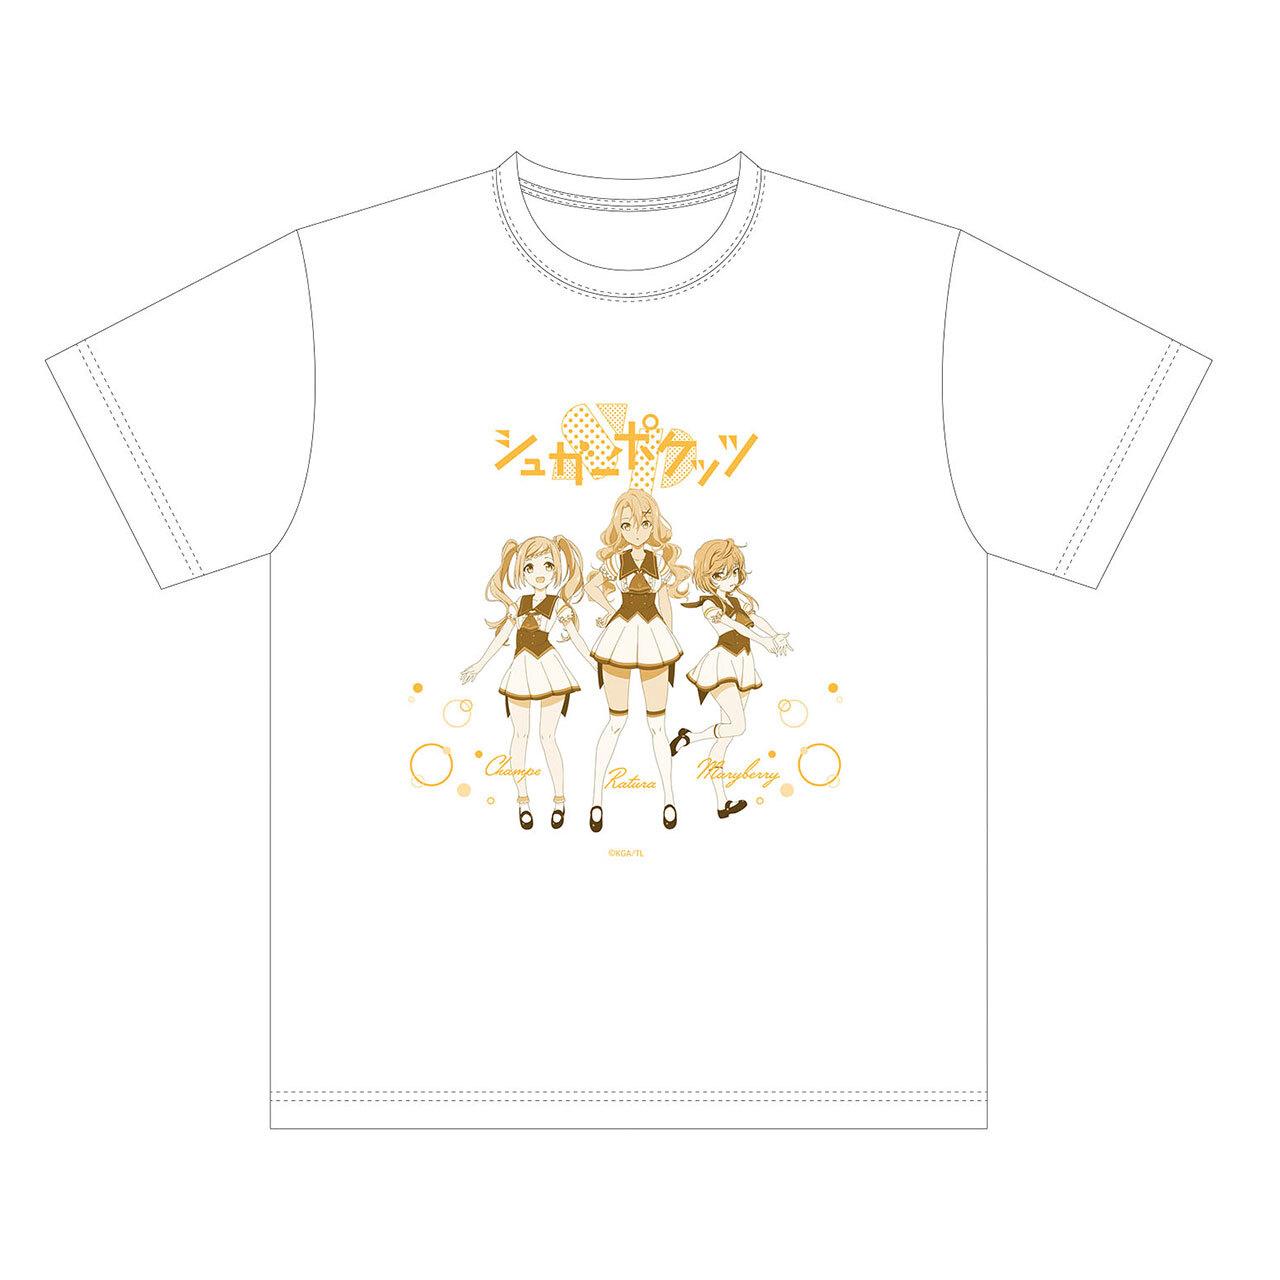 【4589839354561予】ラピスリライツ シュガーポケッツ Tシャツ 白/Lサイズ